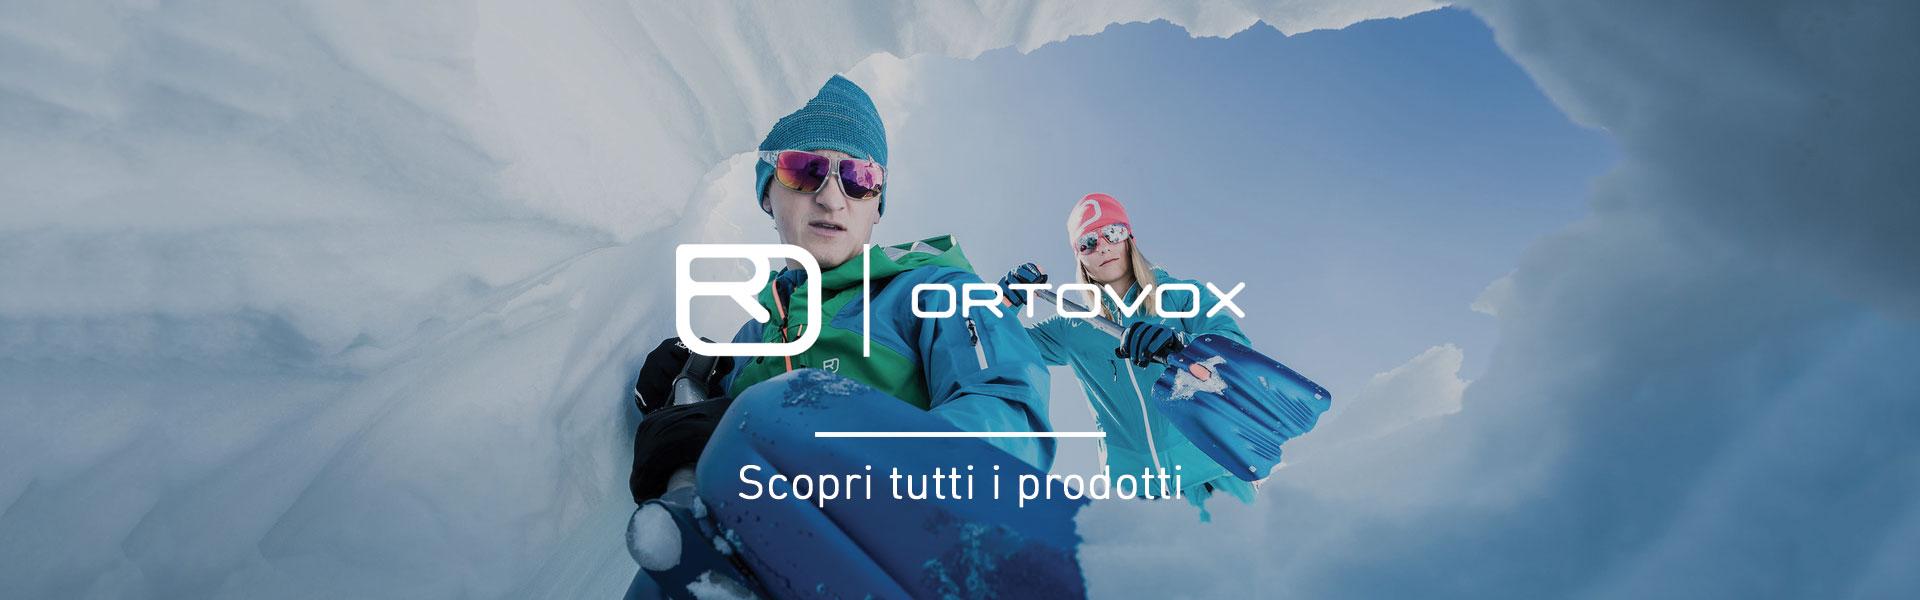 Ortovox abbigliamento e attrezzatura